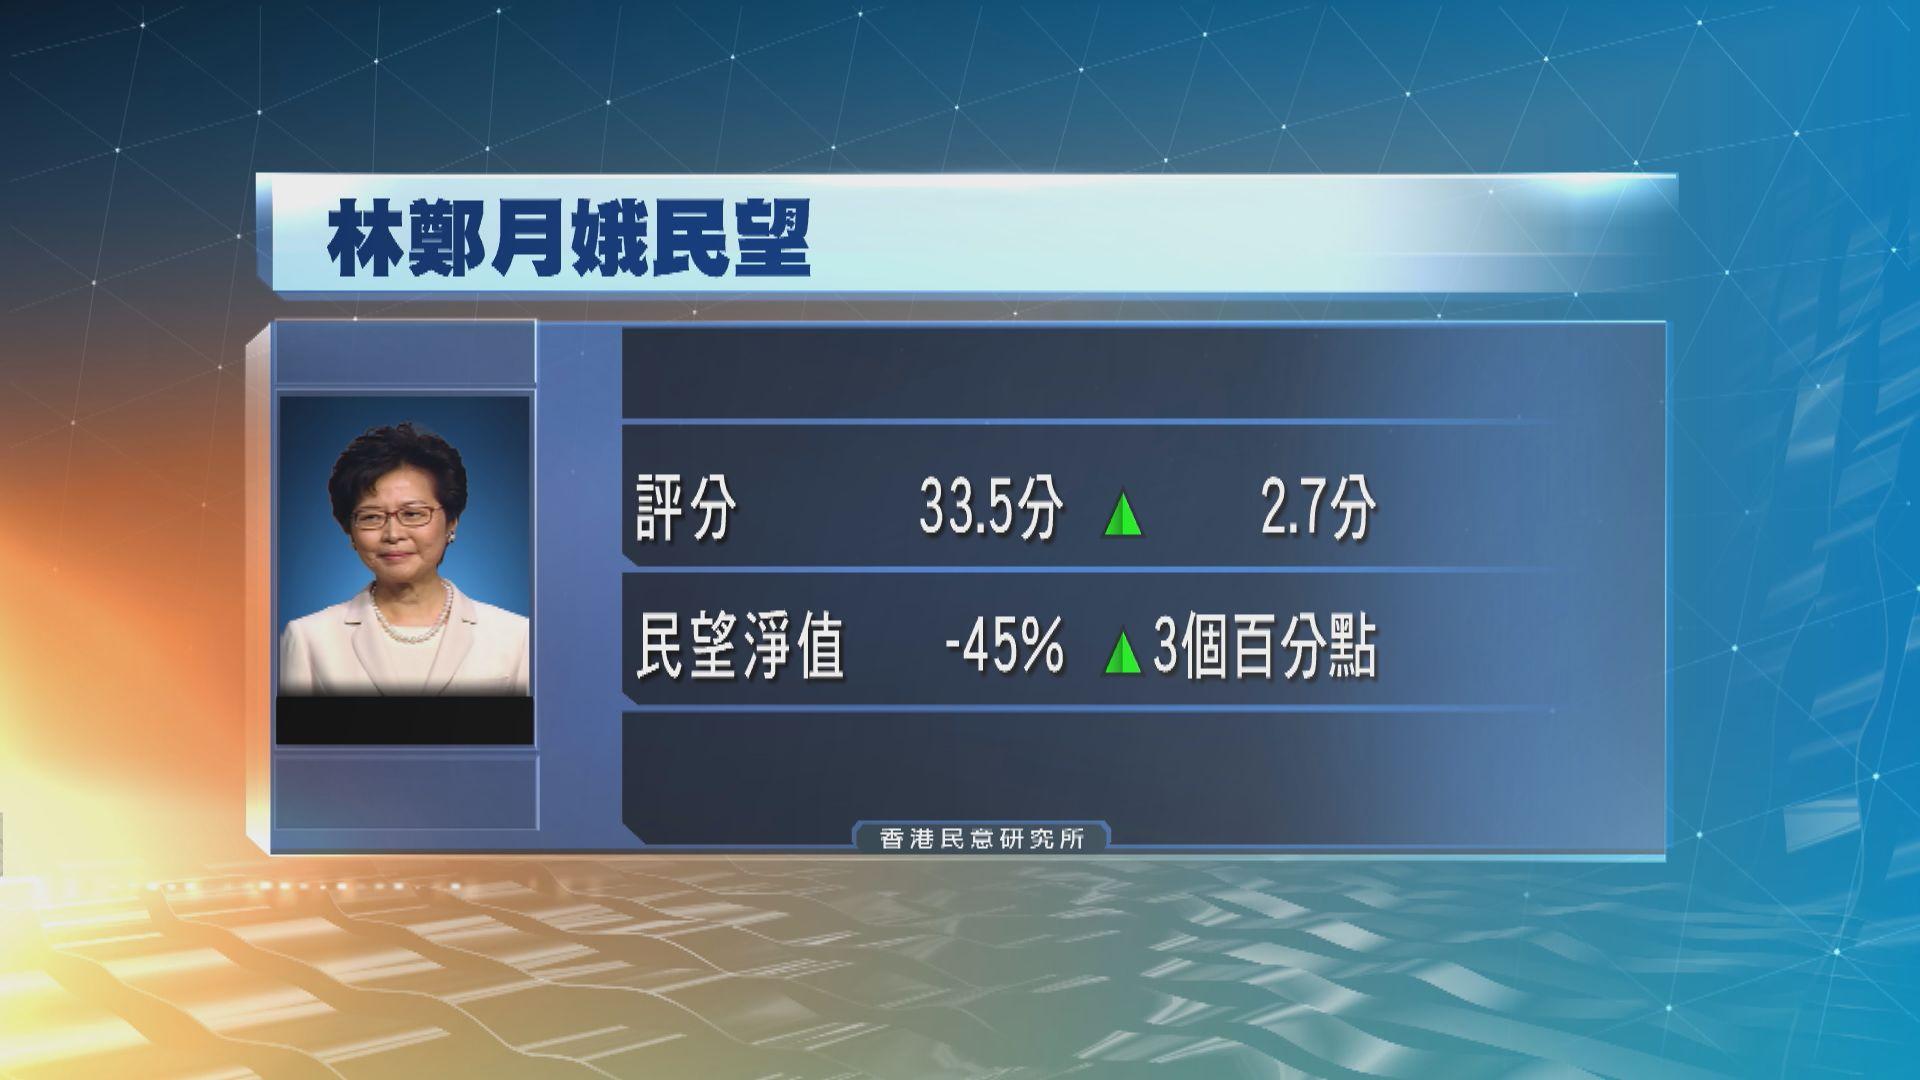 林鄭月娥最新評分上升 是去年六月以來最高